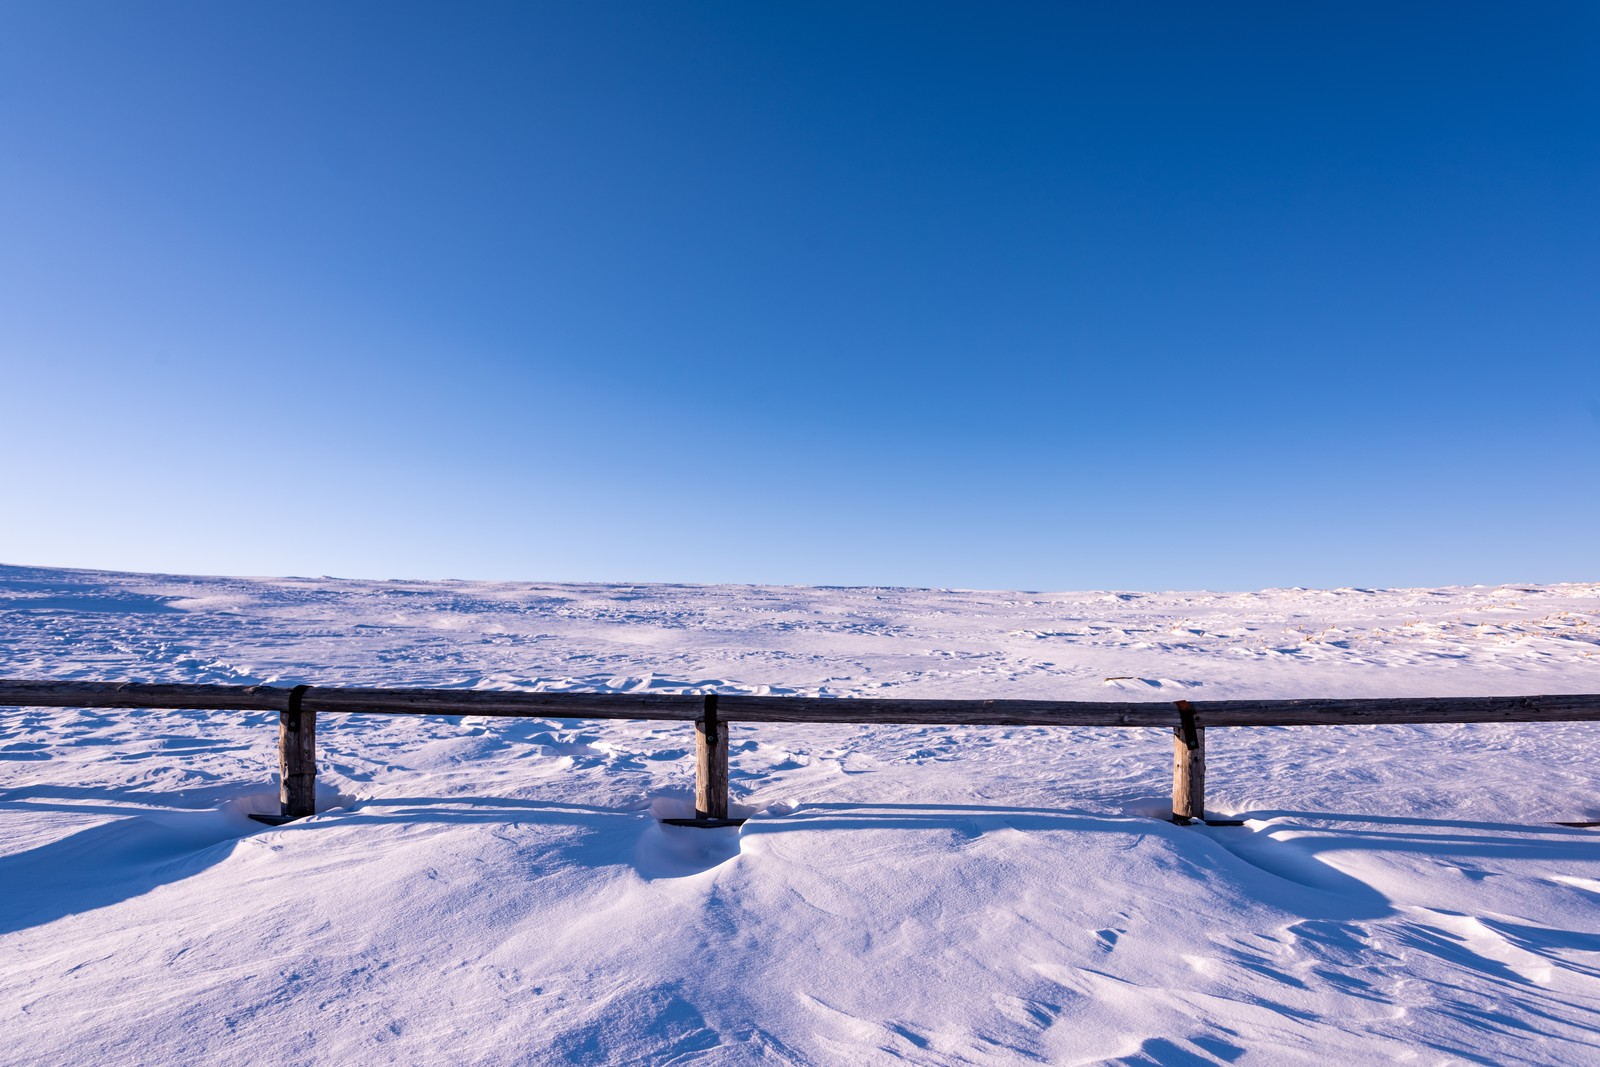 「雲一つない青空と雪原」の写真